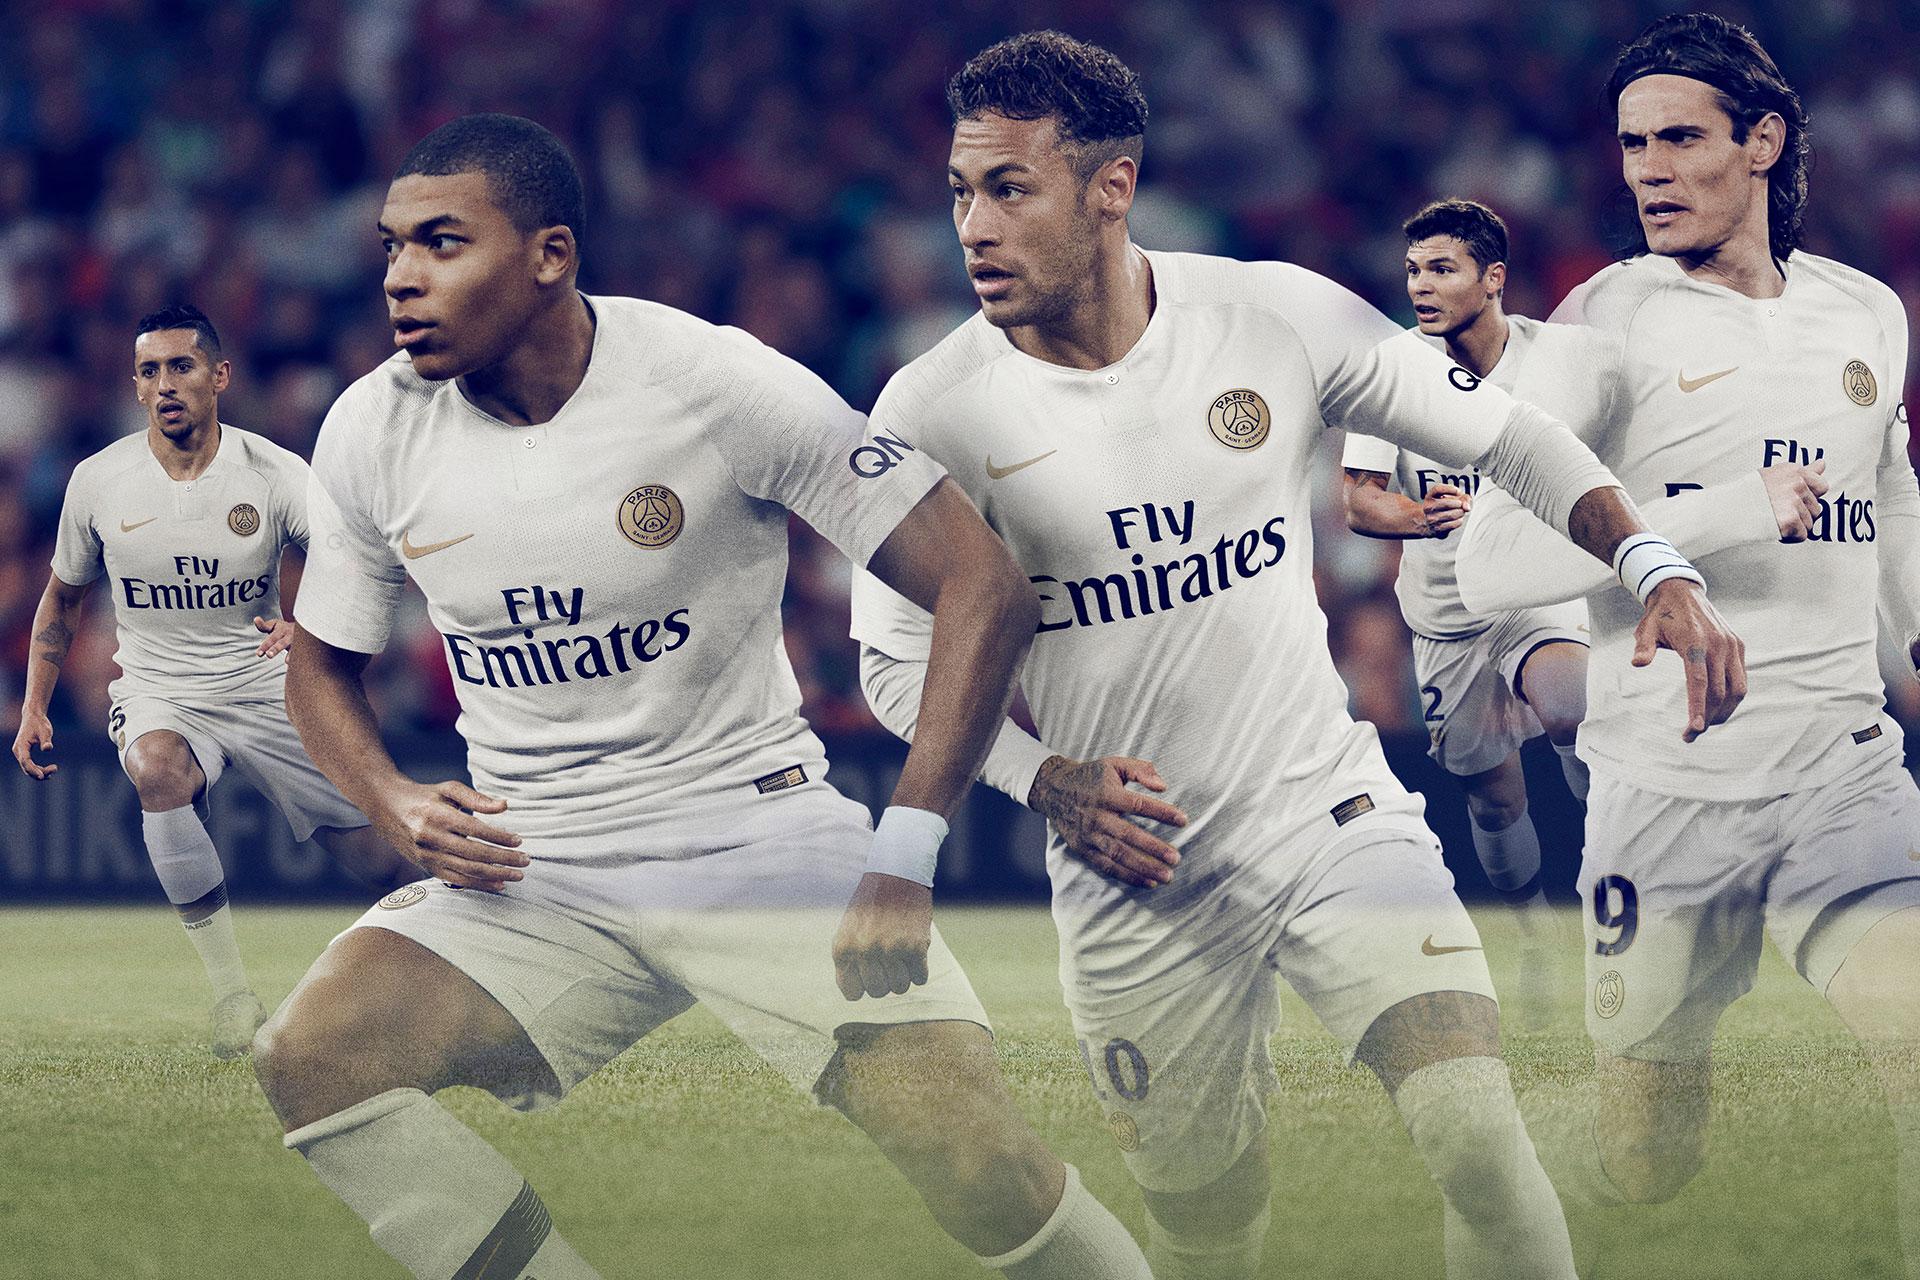 PSG 2018-19 Away Nike